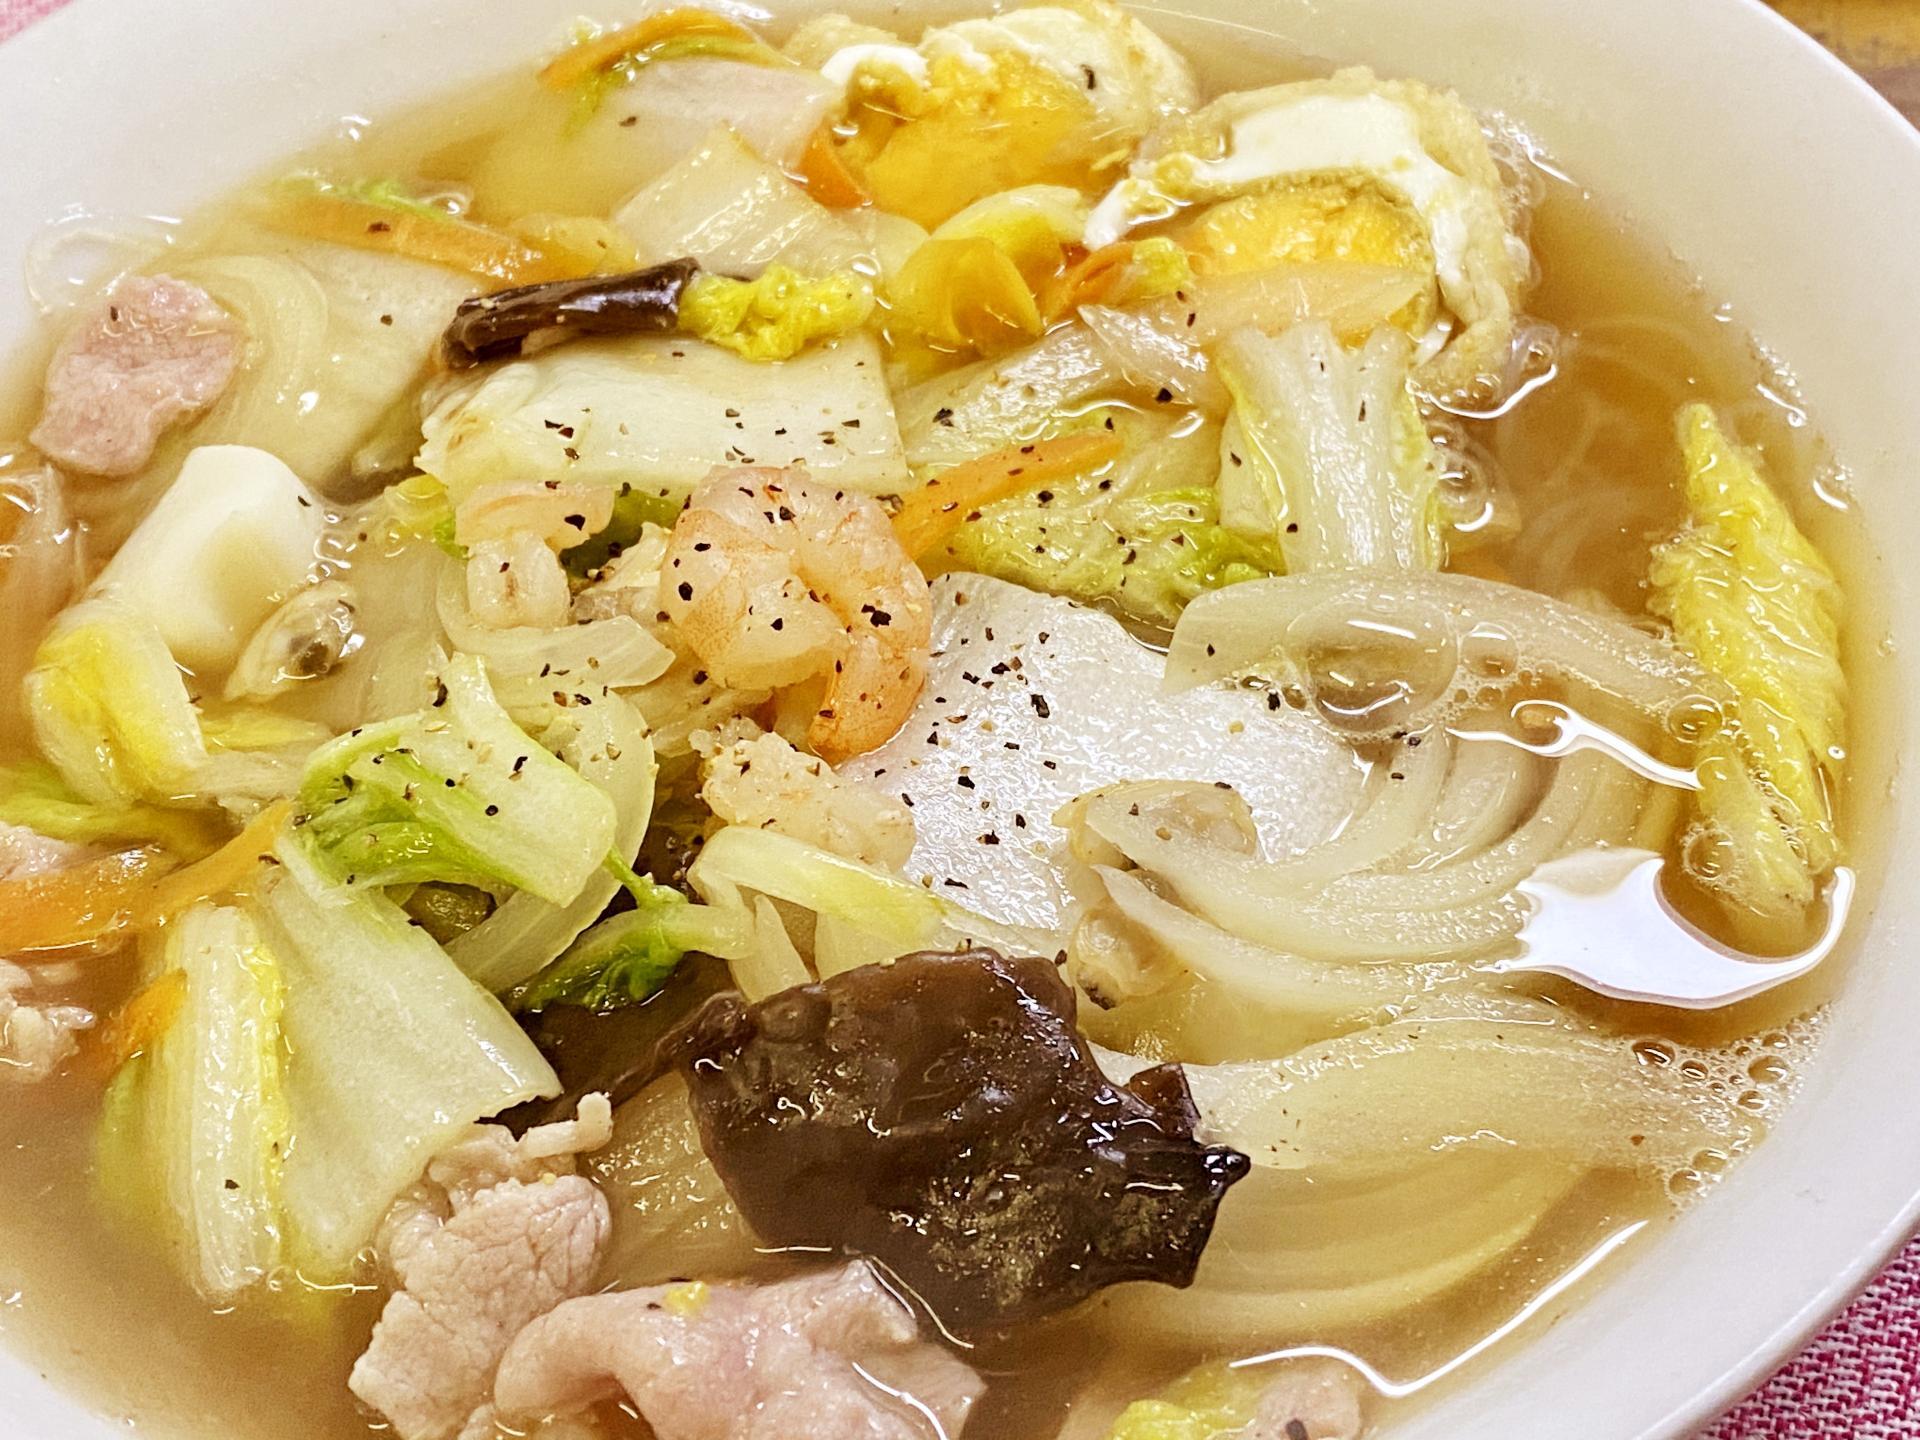 【通販】熊本の人気ご当地グルメ「太平燕」をお取り寄せ!本場の味を自宅で満喫